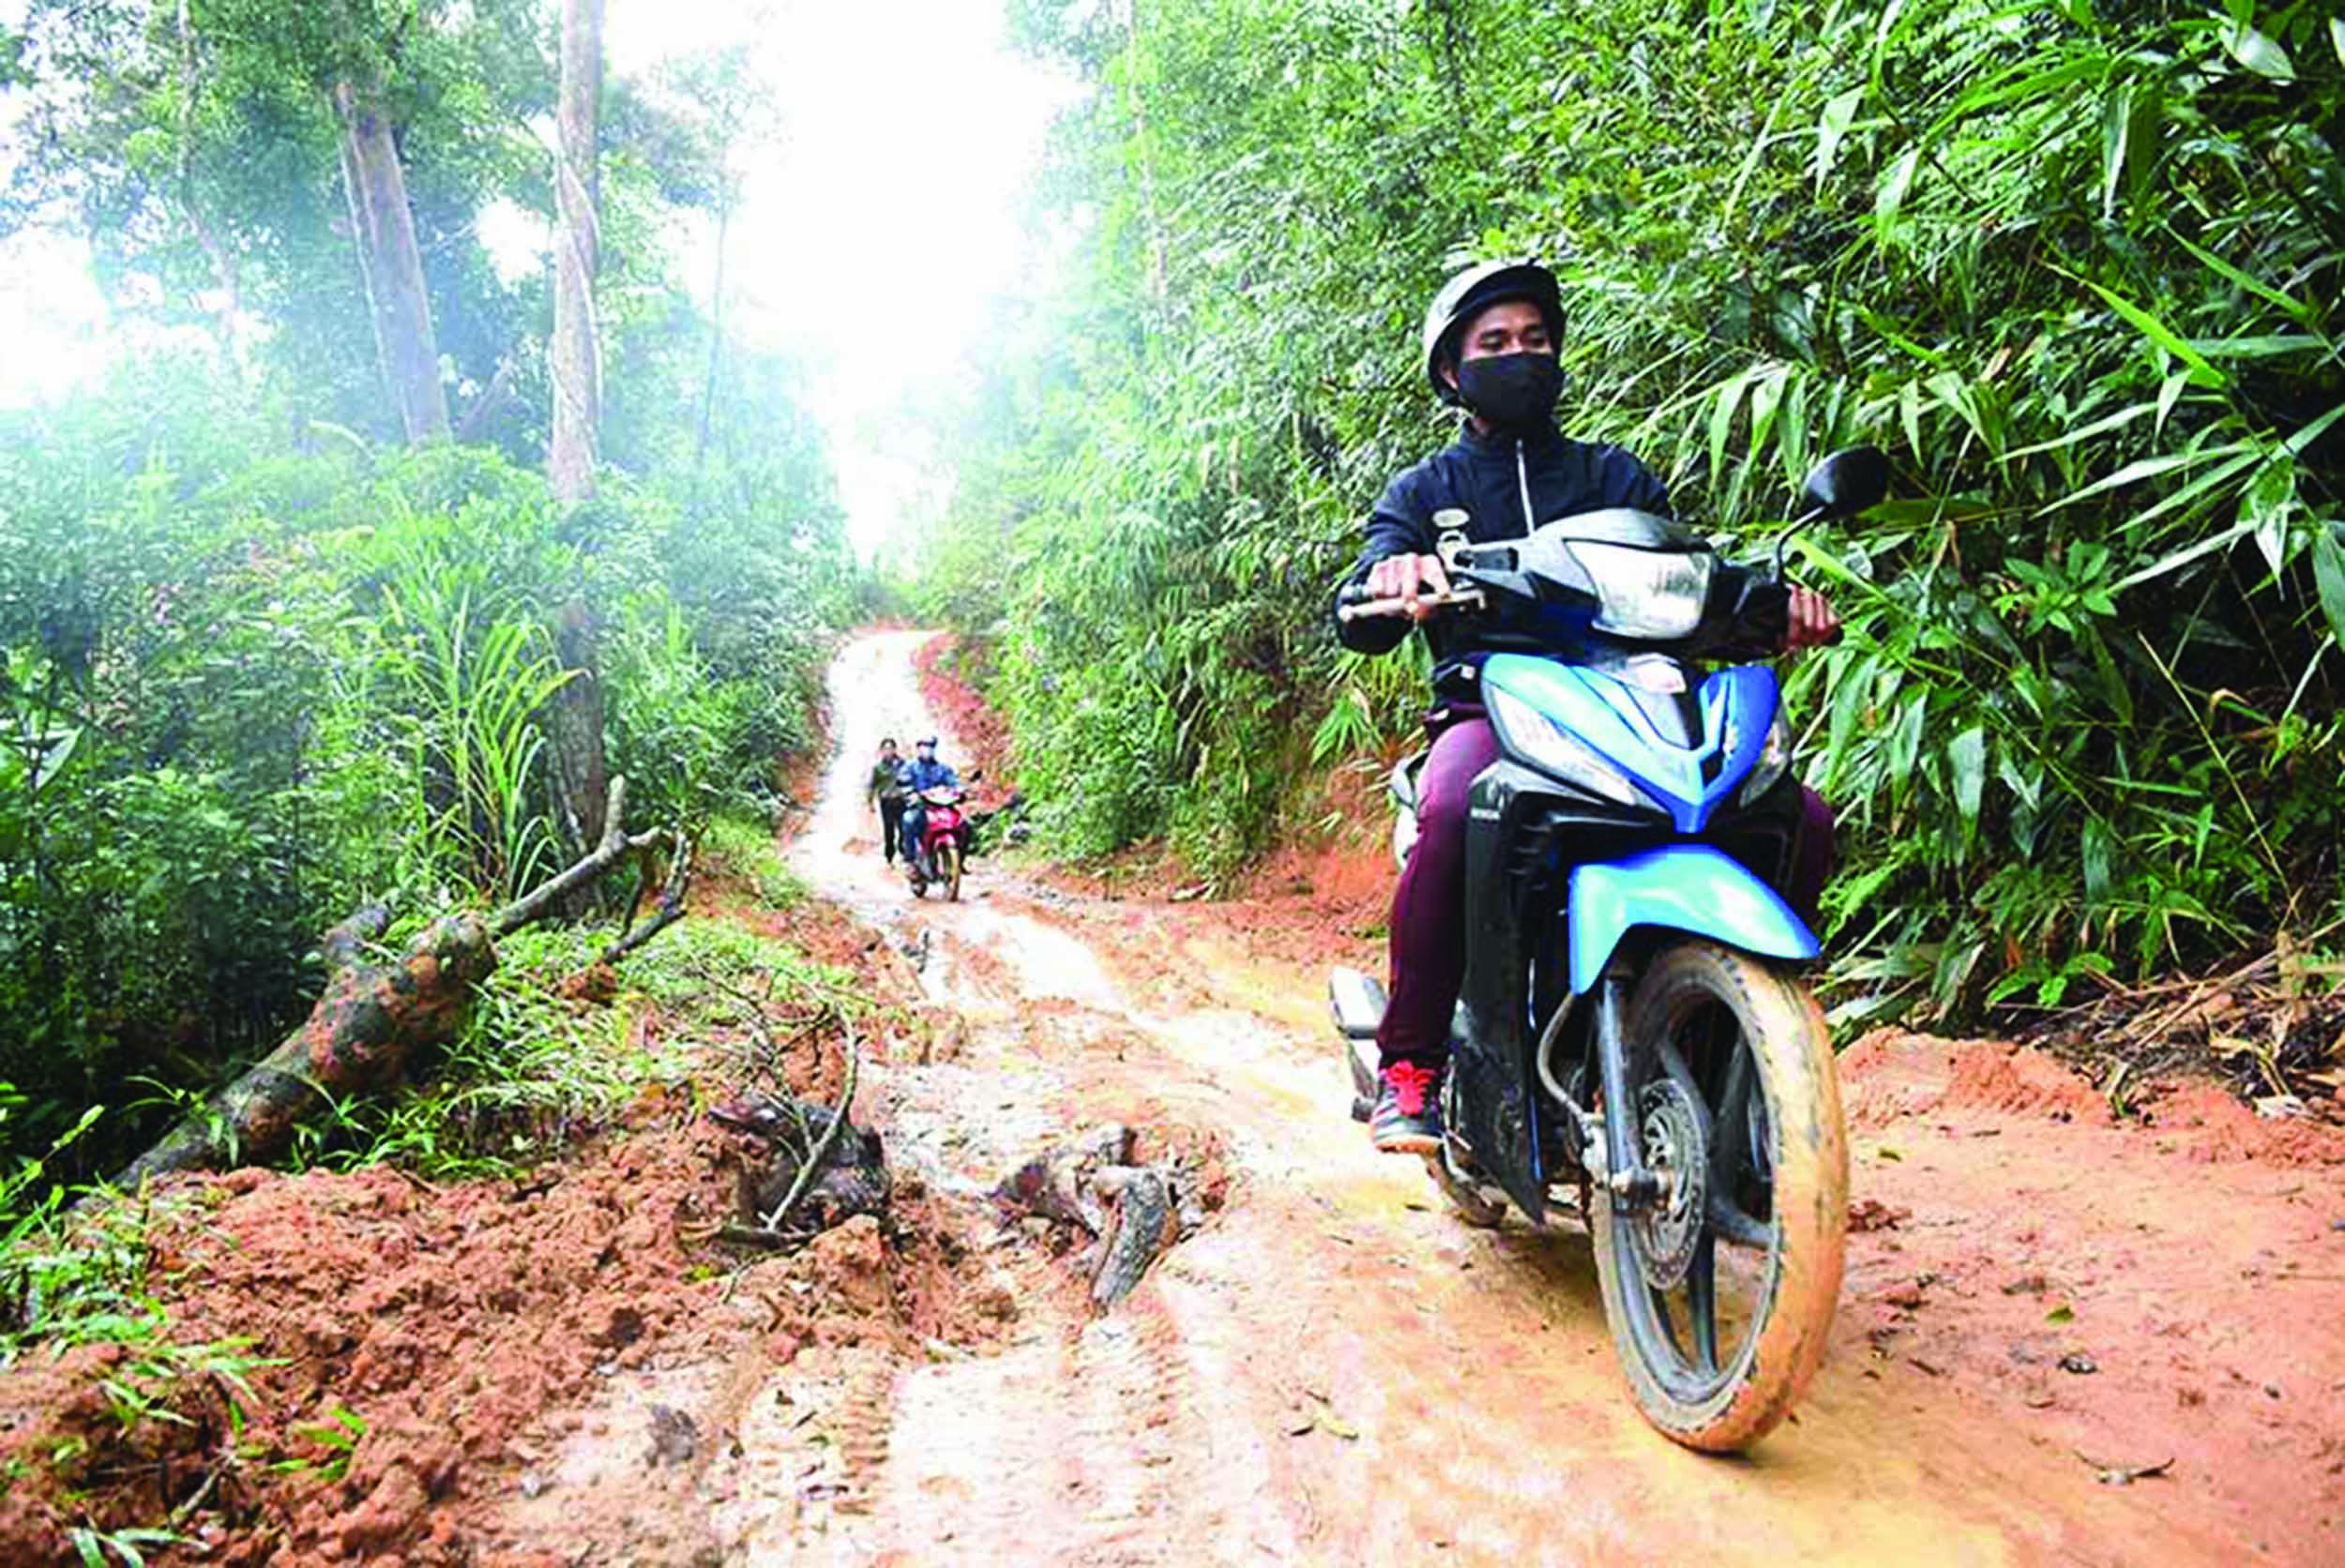 Giao thông đi lại khó khăn khiến người dân làng Pờ Yầu (Gia Lai) quanh quẩn với cái nghèo. (Ảnh TL)